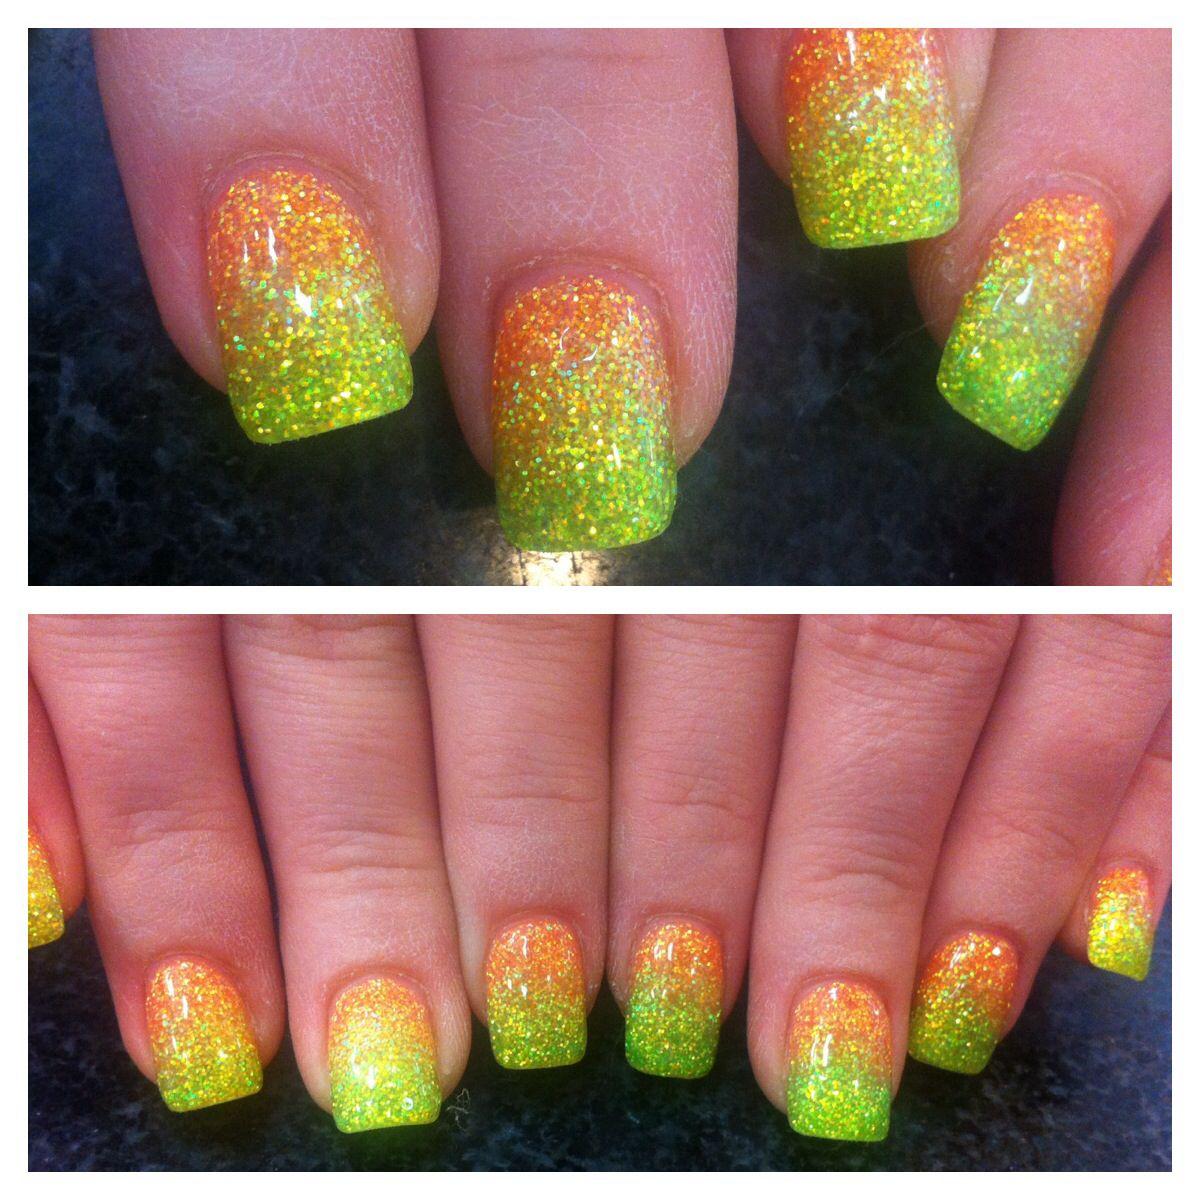 ombré solar nails | My nails | Pinterest | Fabulous nails, Manicure ...